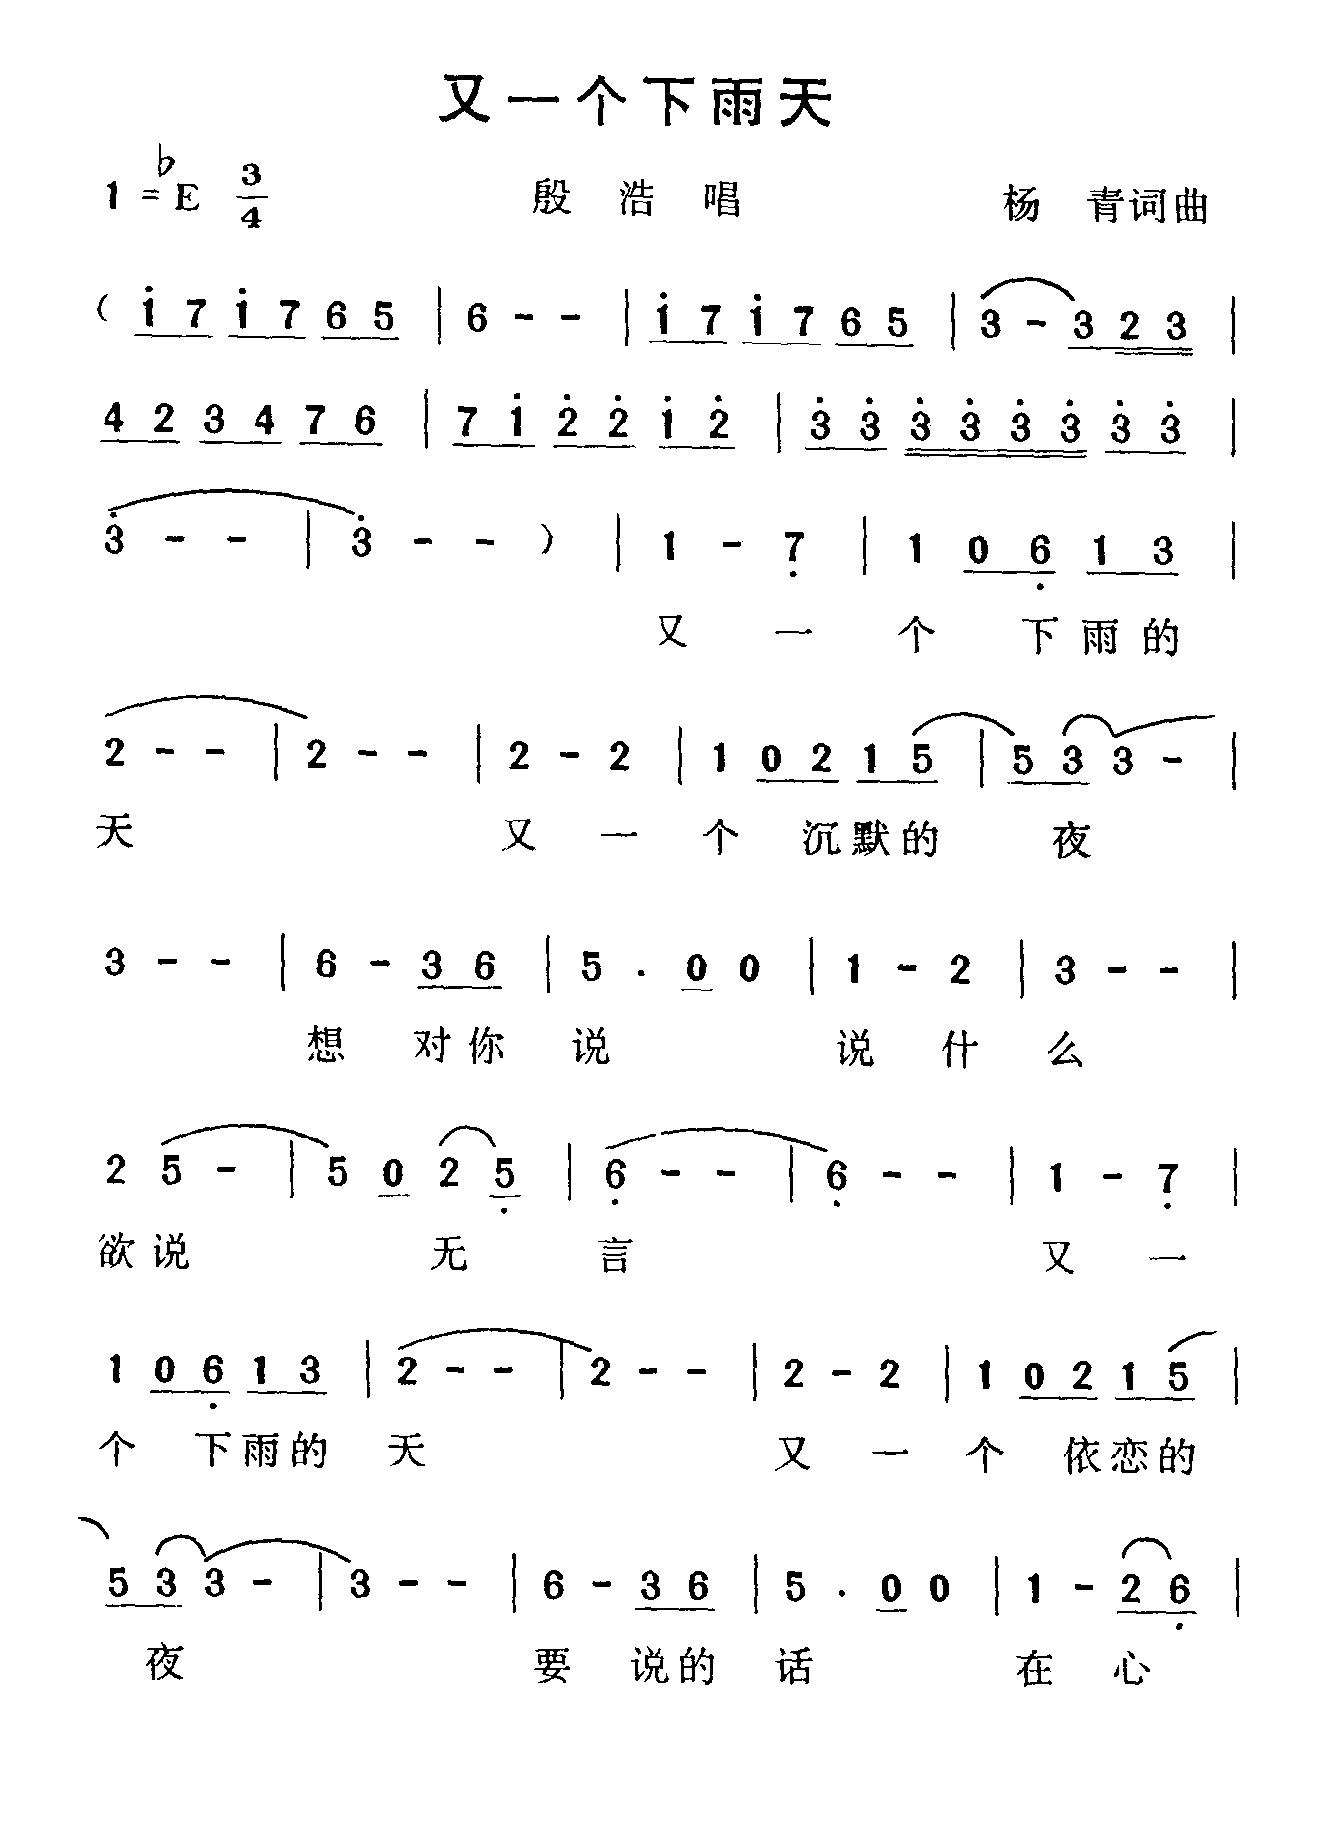 小树叶钢琴谱子-下雨天简谱 小叶子159制谱园地